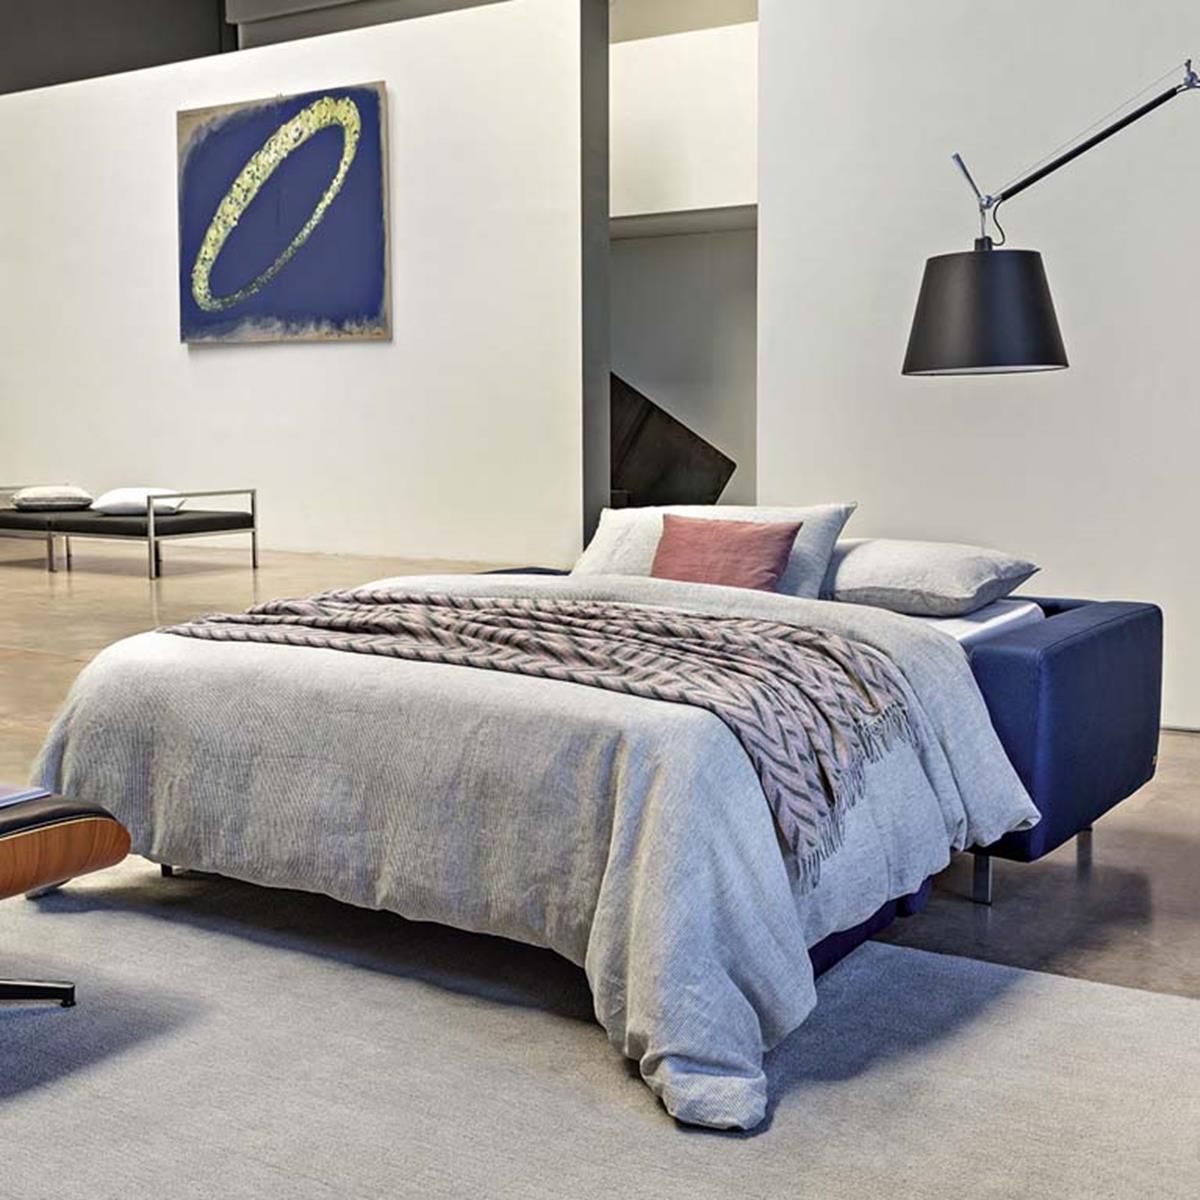 poltronesofa-collezione-divani-letto-17